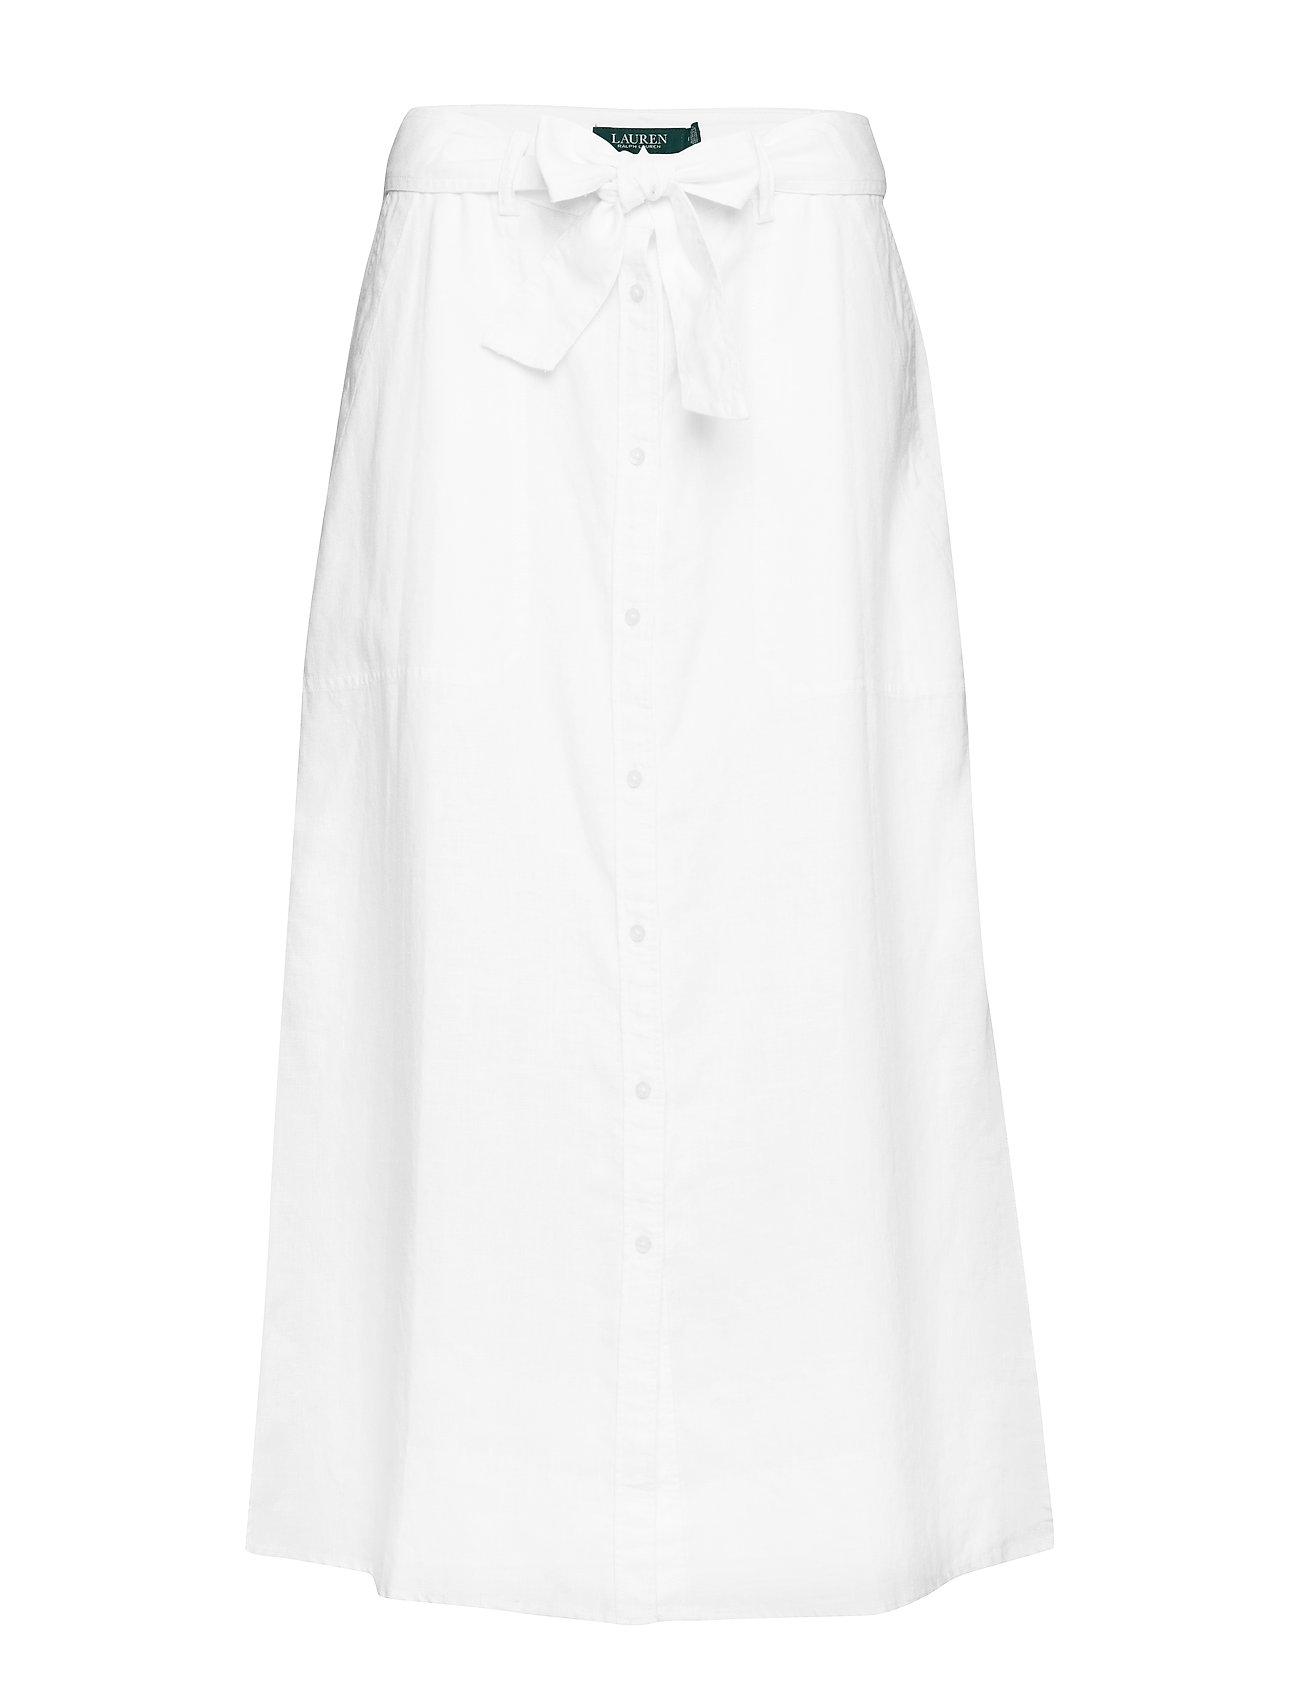 Lauren Ralph Lauren Buttoned Linen Skirt - WHITE